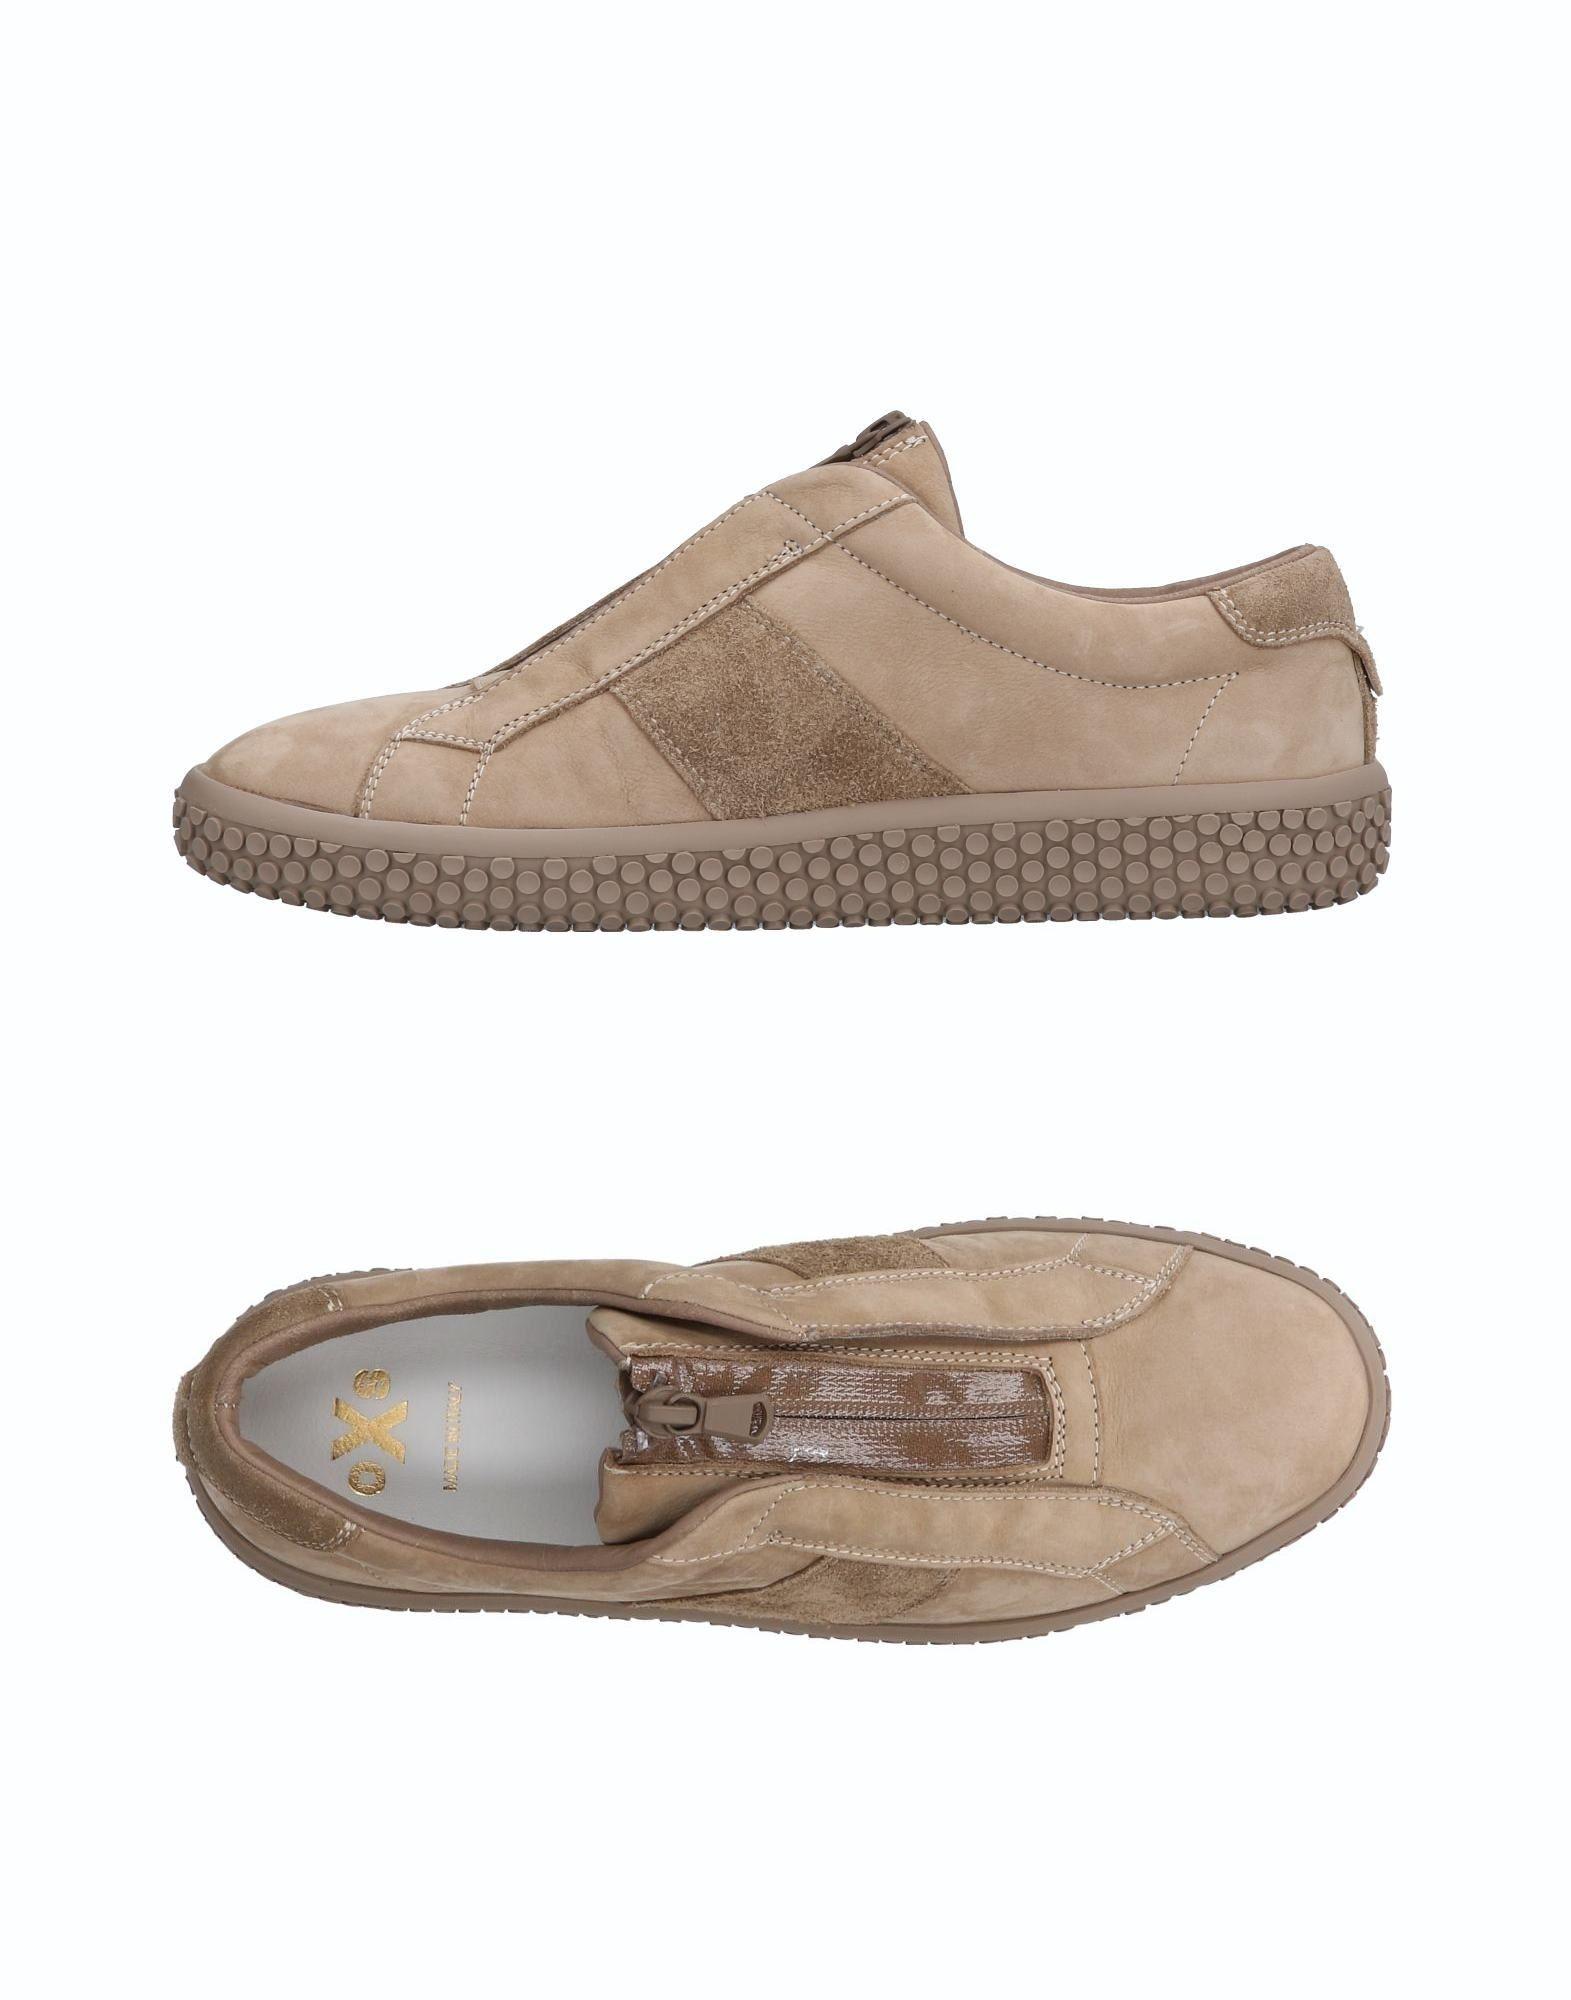 Scarpe economiche e resistenti Sneakers O.X.S. Donna - 11501443SO